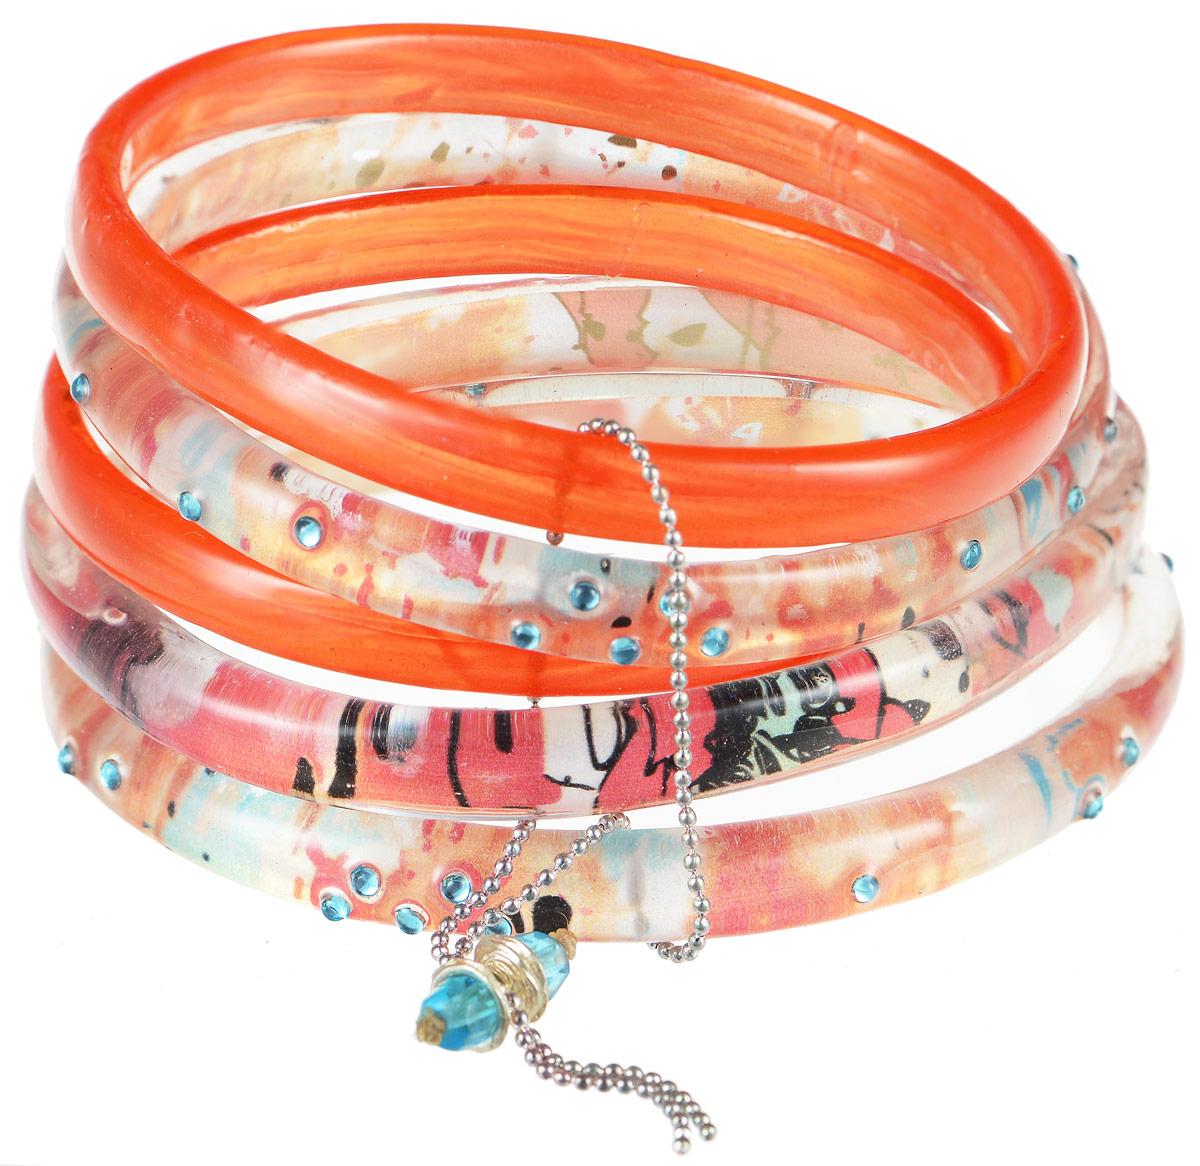 Браслет Lalo Treasures Row, цвет: оранжевый. Bn2509-1Браслет с подвескамиЯркое комбинированное украшение Lalo Treasures Row включает пять браслетов, выполненных из ювелирной смолы. Изделия оформлены стразами и оригинальными орнаментами.Стильное украшение поможет дополнить любой образ и привнести в него завершающий яркий штрих.